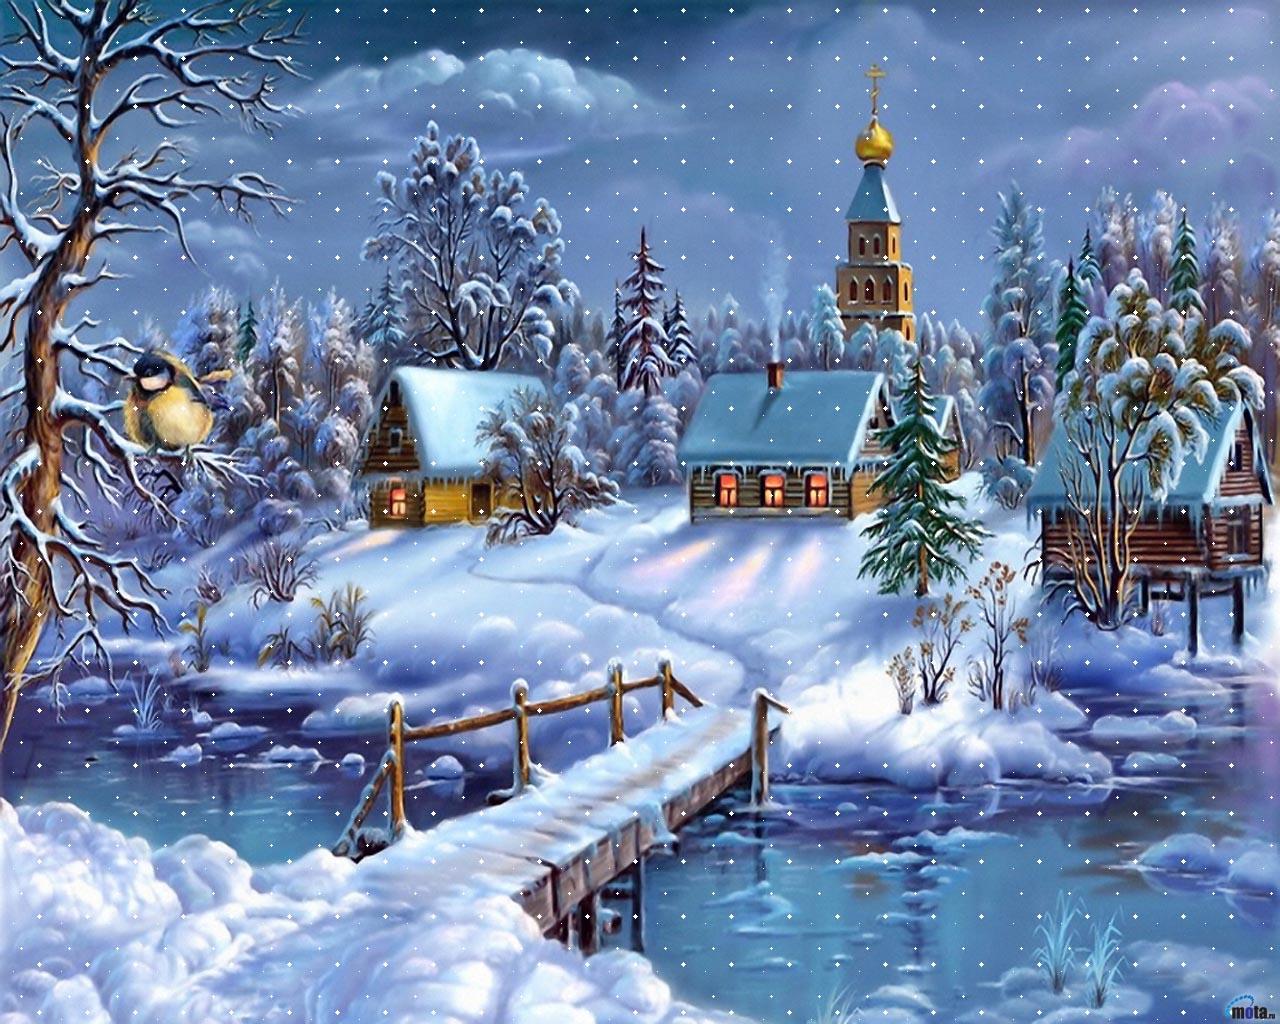 http://buket.ck.ua/album/wallpapers/novyrik/ny_312.jpg